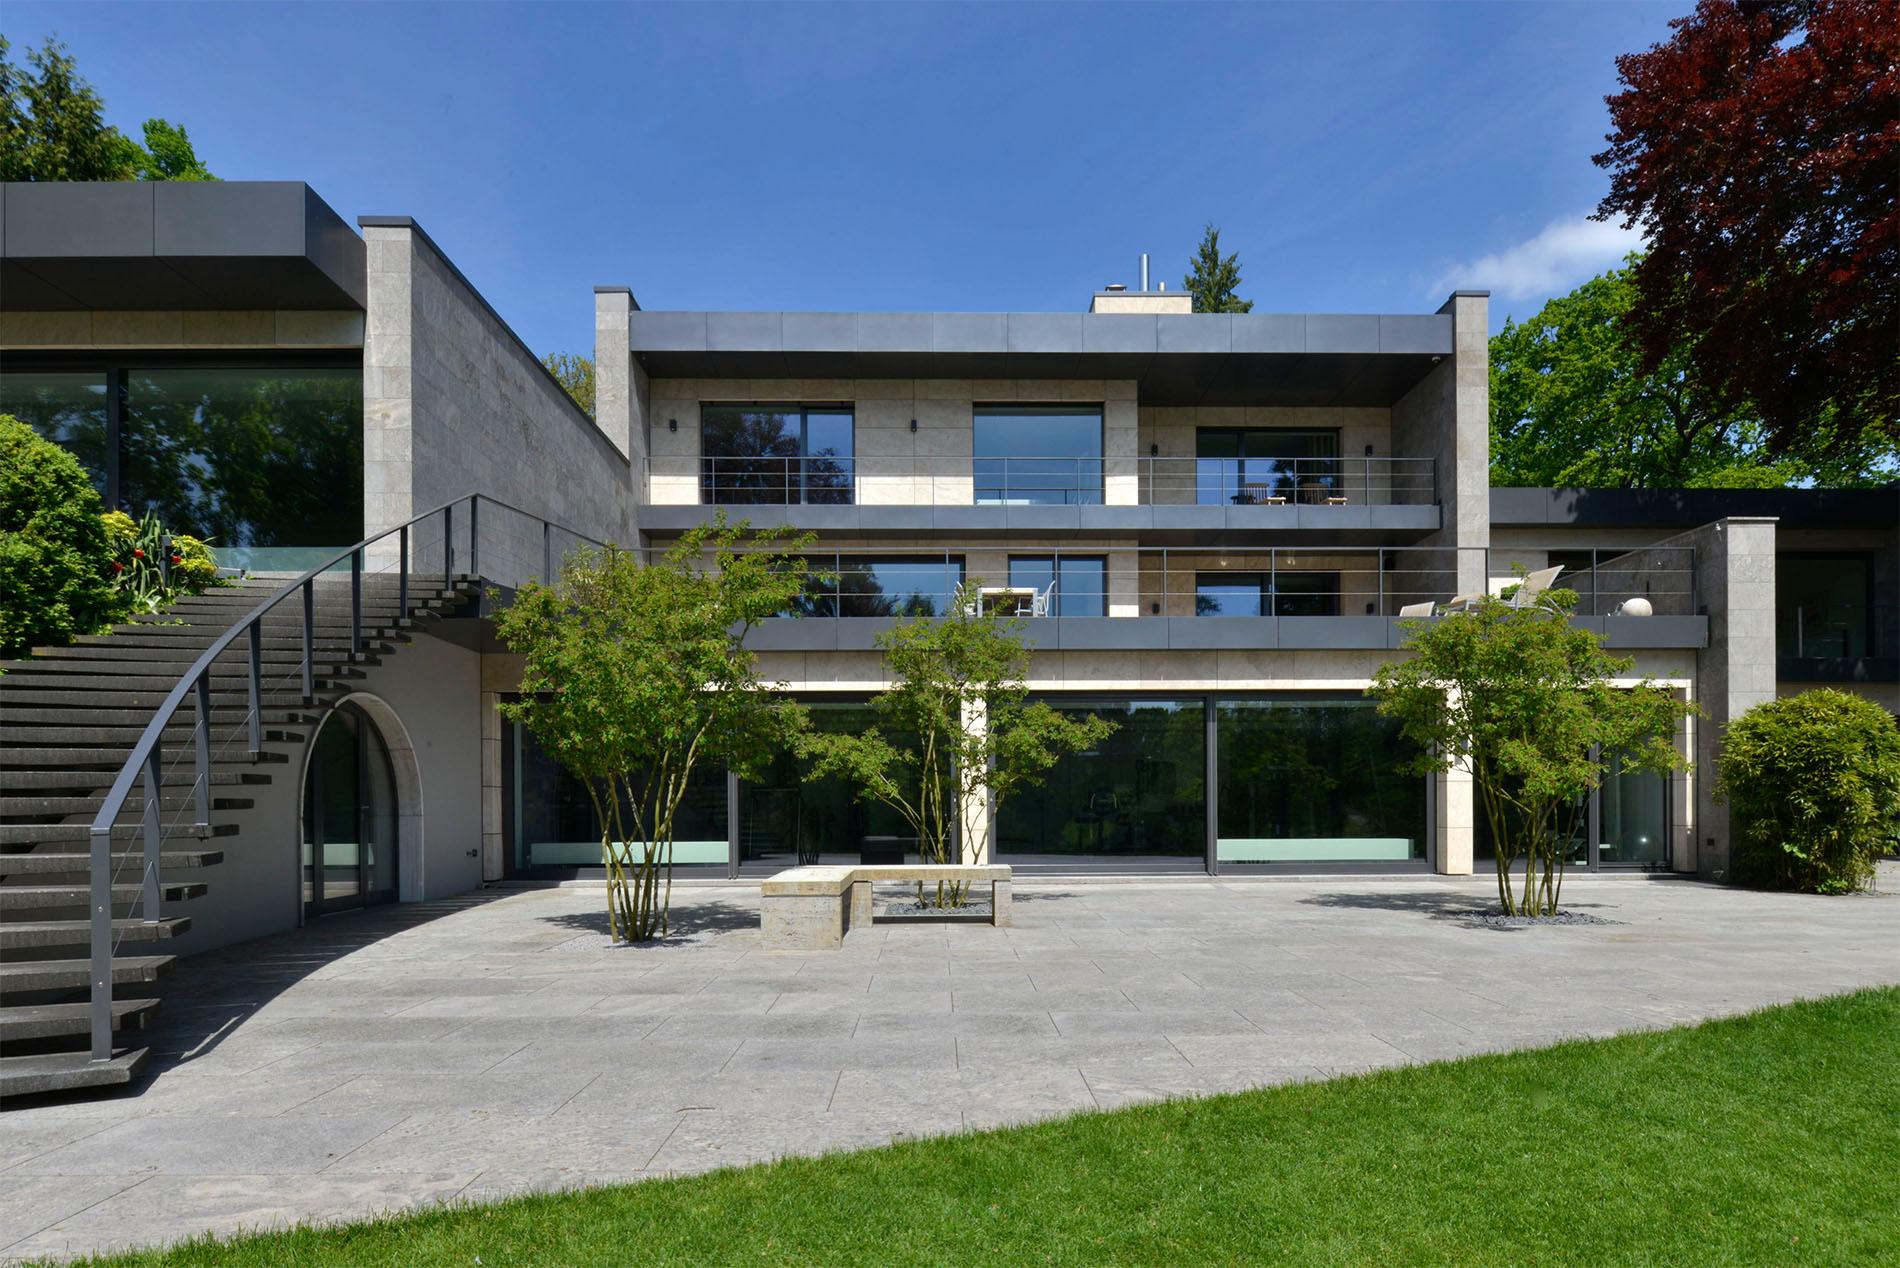 Villa mit Terrassenplatten und Fassadenplatten aus Muschelkalk von TRACO